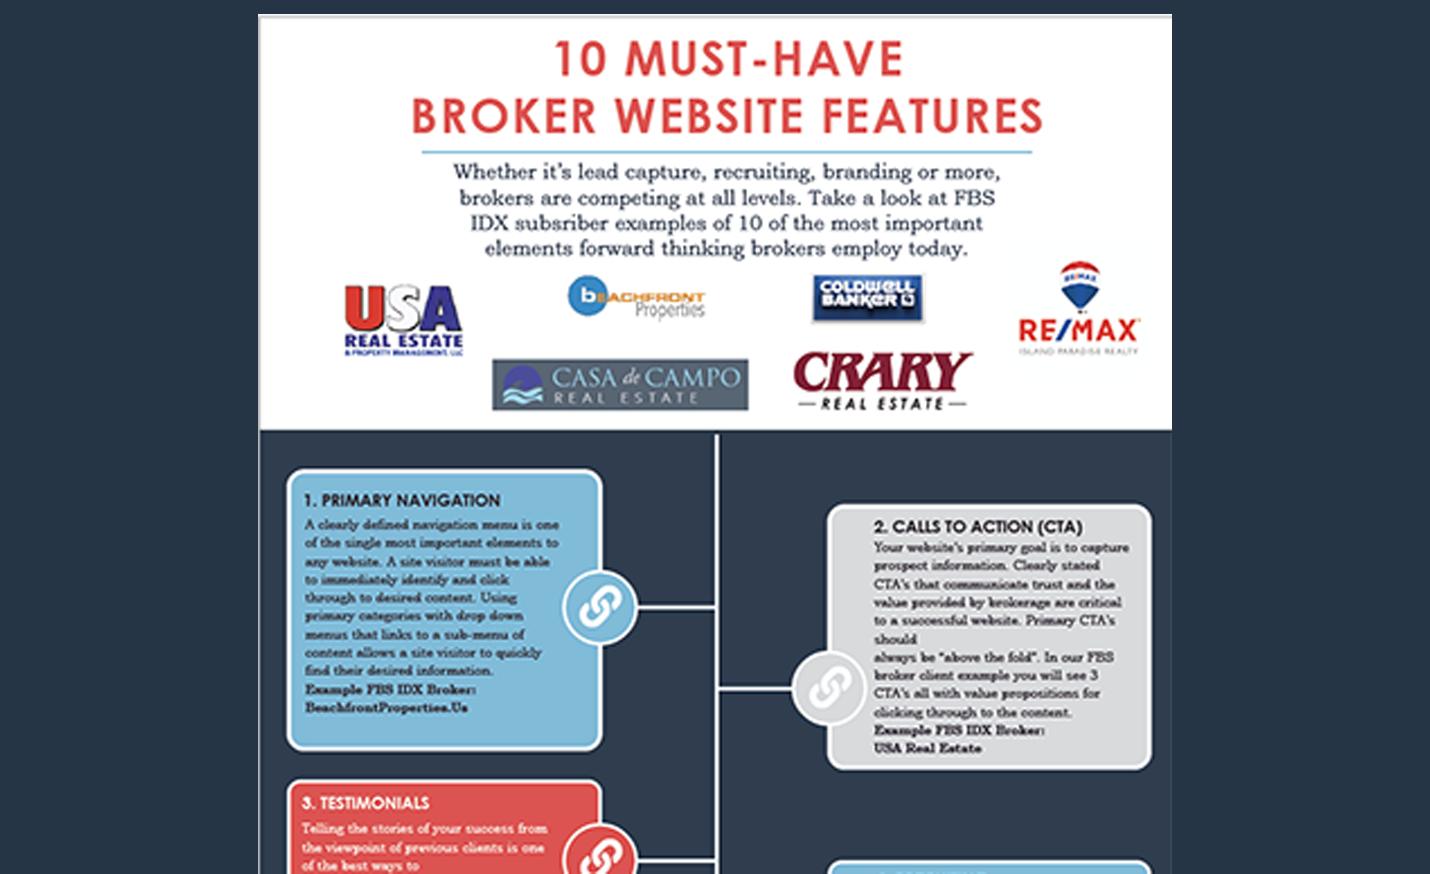 10-must-have-broker-website-features